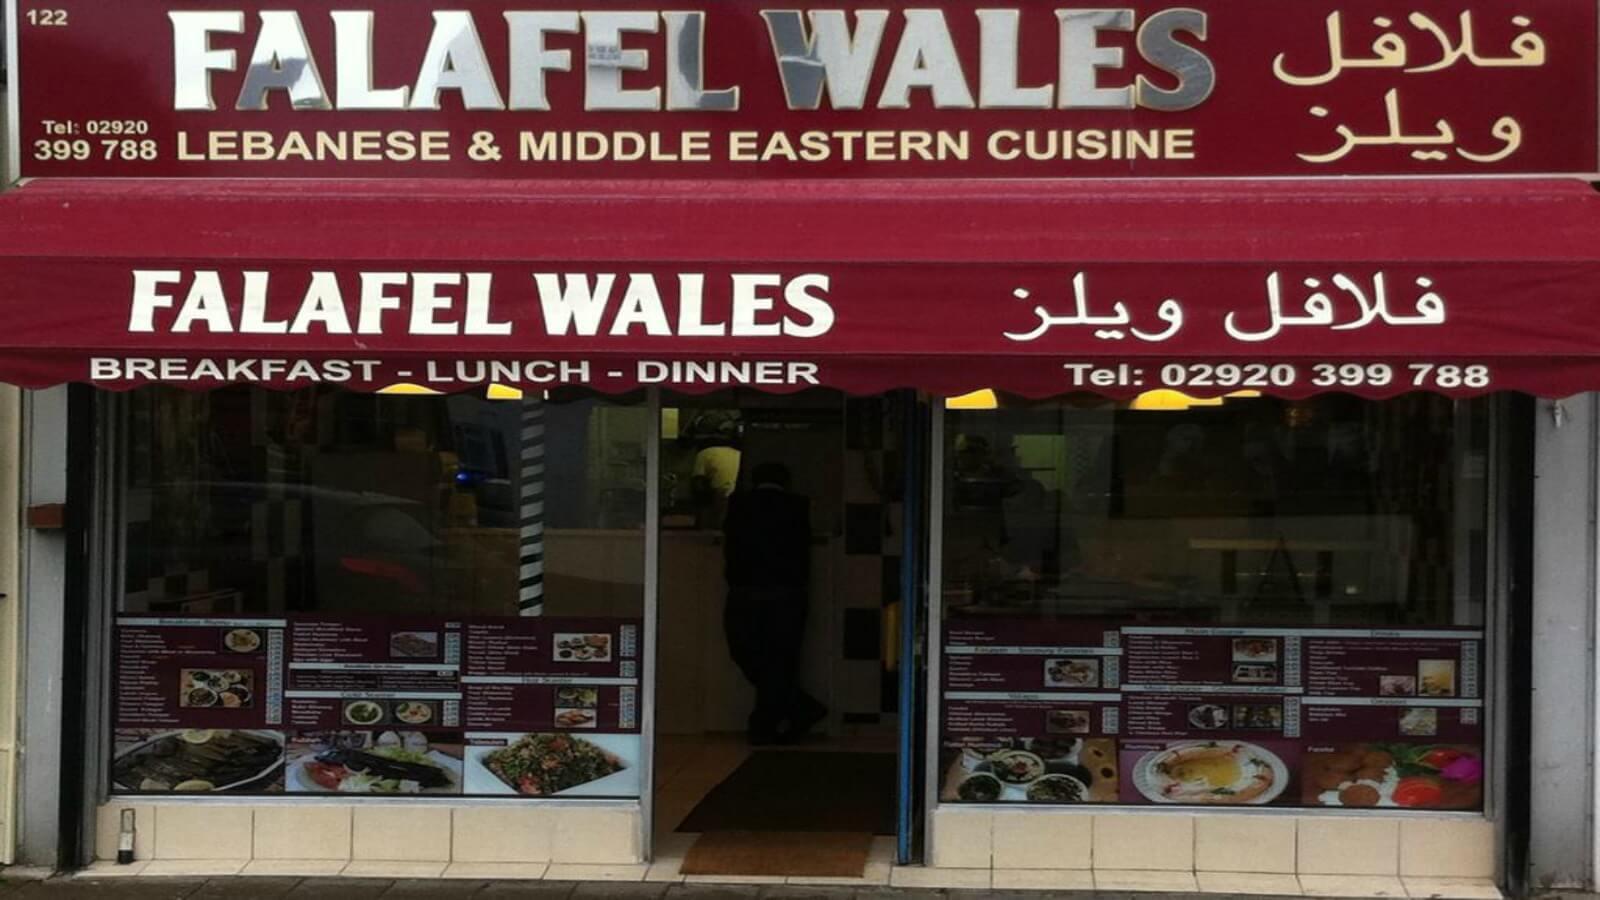 Falfel Wales